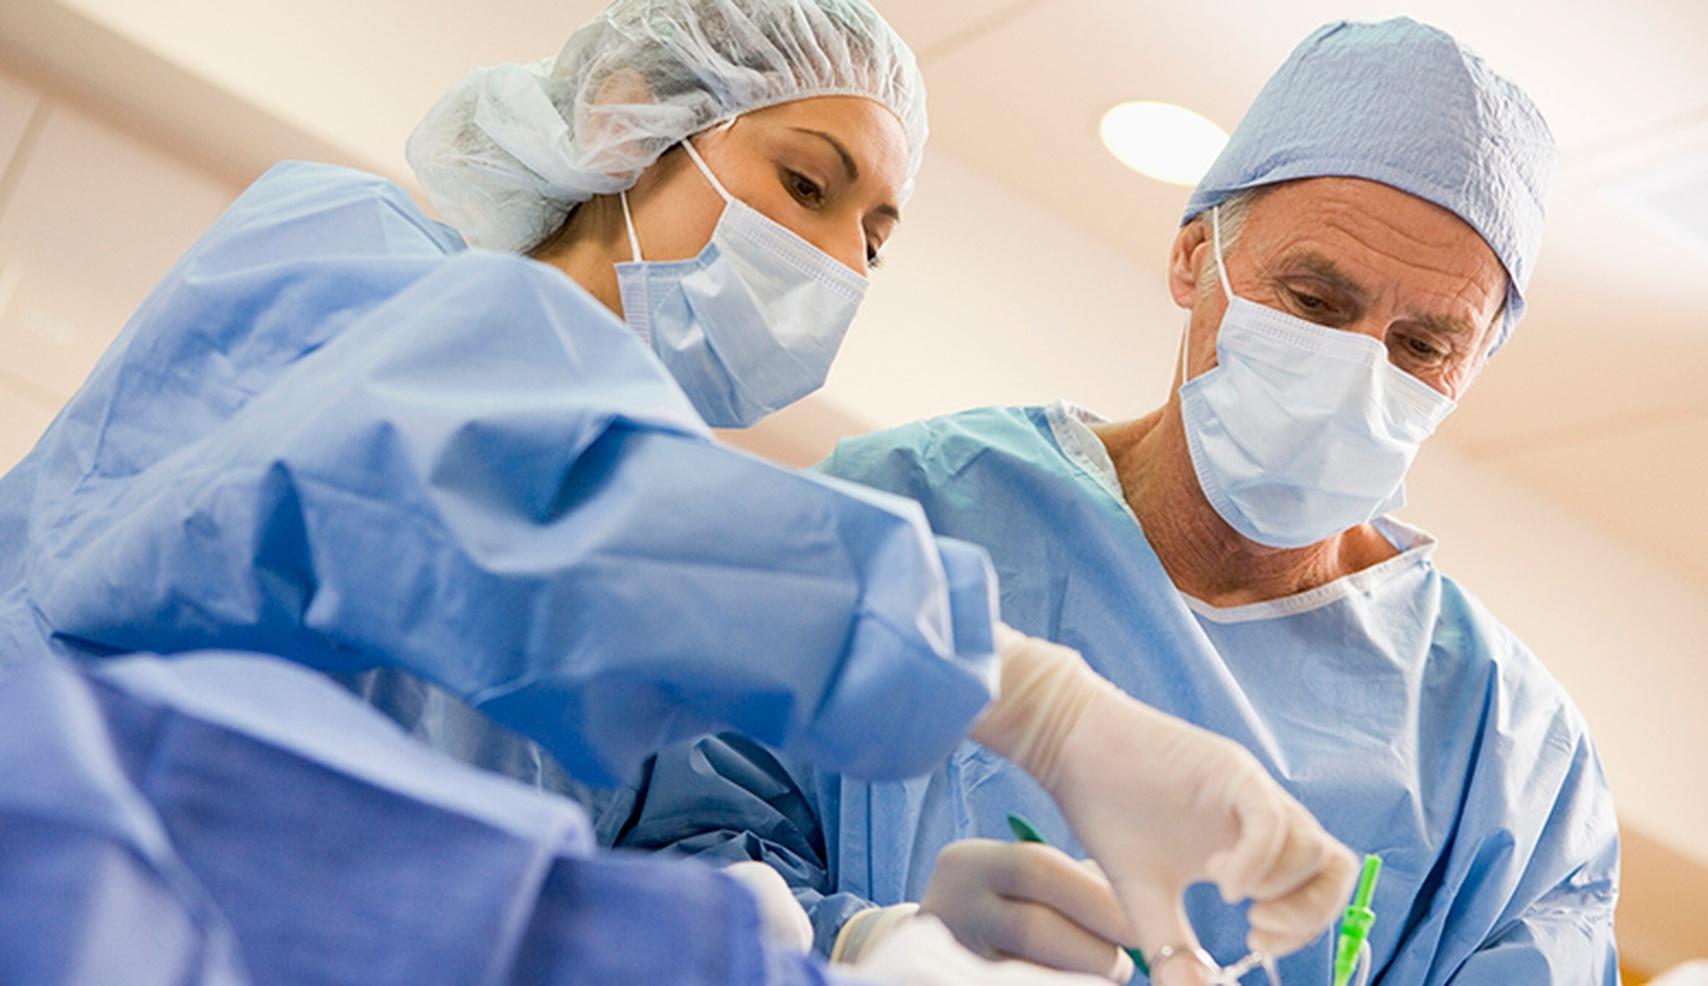 Главврача больницы оштрафовали за невыплату сверхурочных